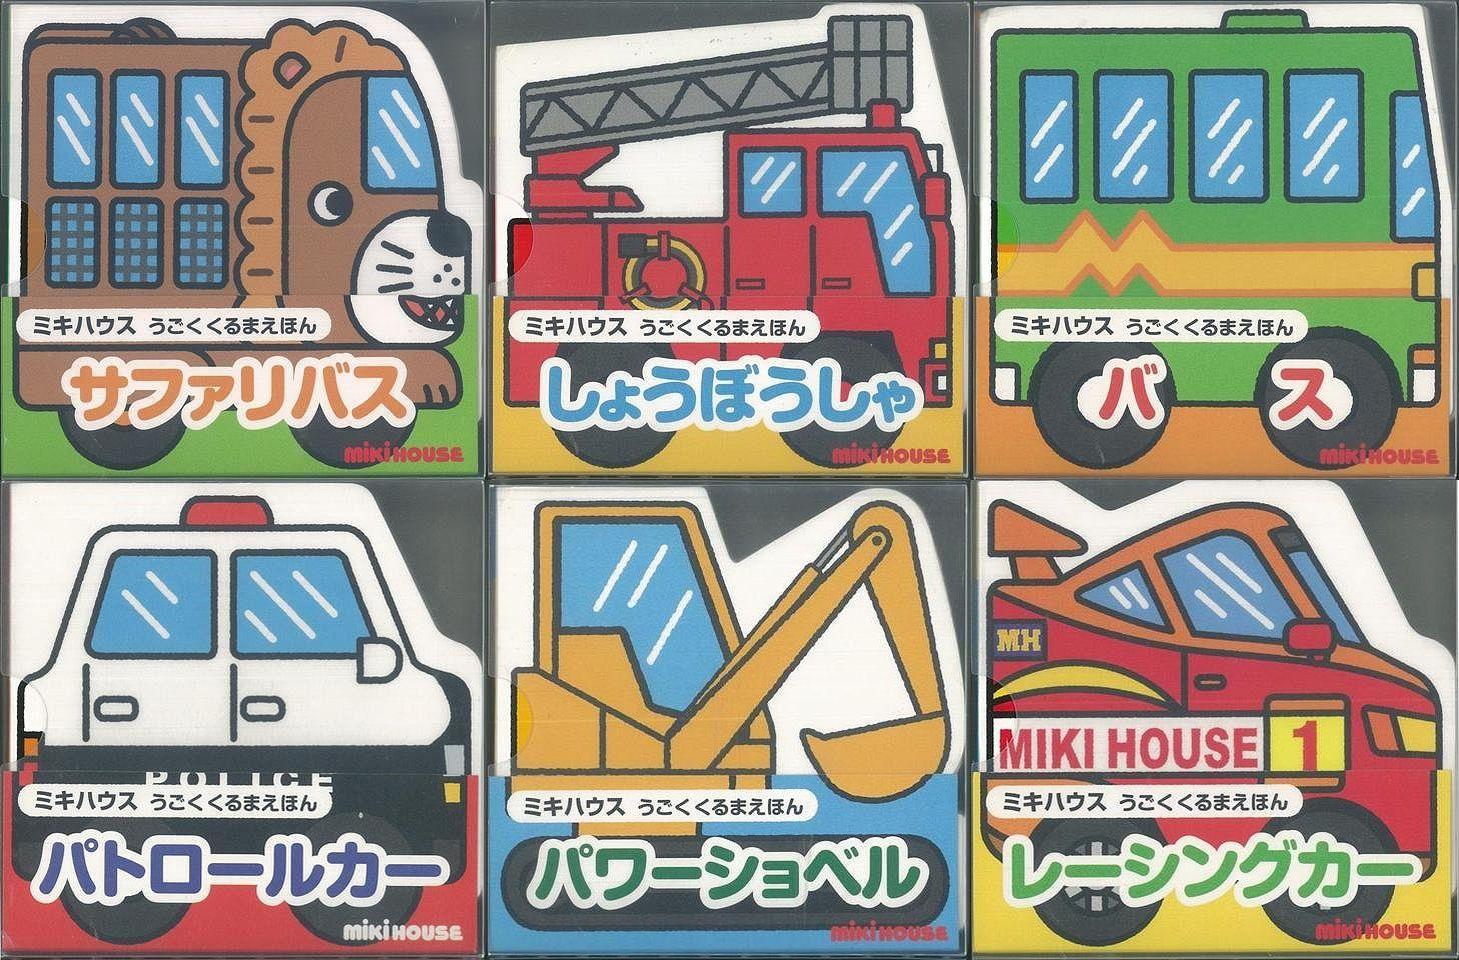 【バーゲン本】ミキハウス!うごくくるまえほん6冊セット (うごくくるまえほん) [ うごくくるまえほん ]